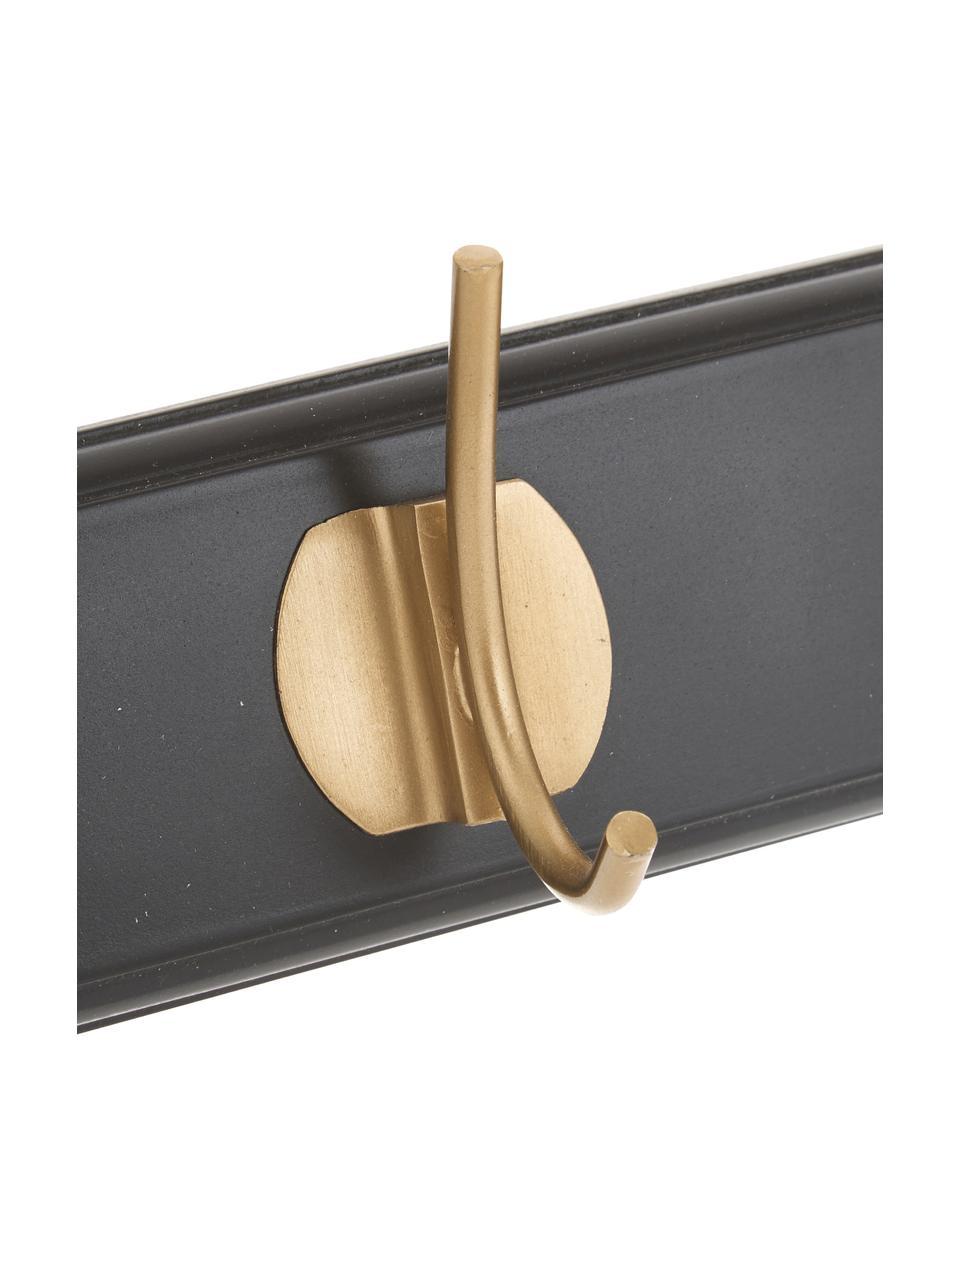 Garderobenhaken Aoife mit Metall-Haken, Leiste: Mitteldichte Holzfaserpla, Haken: Messing, Schwarz, 60 x 7 cm